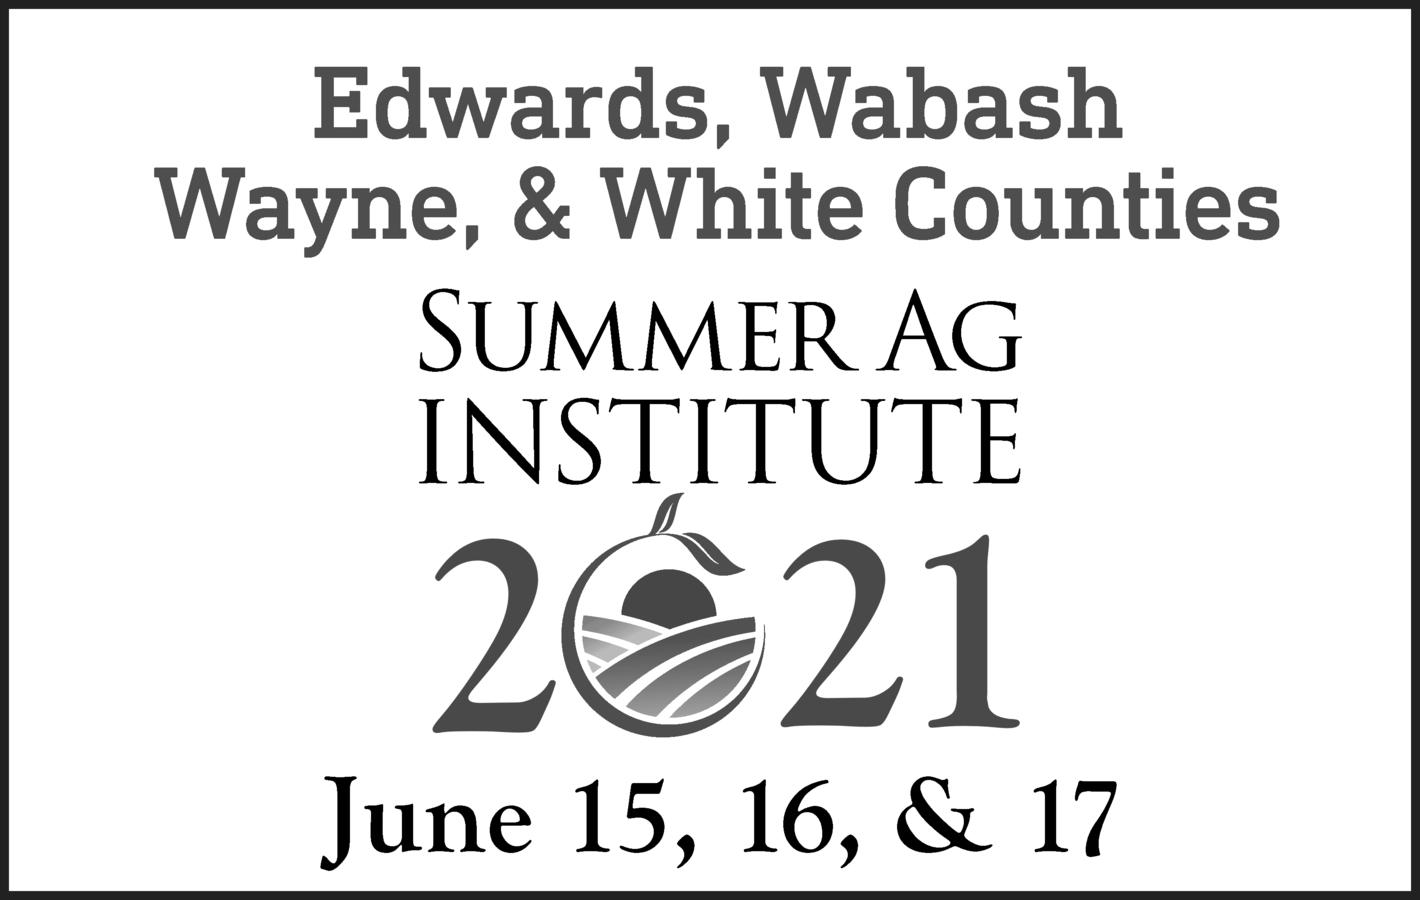 Summer Ag Institute Registration Opens April 1